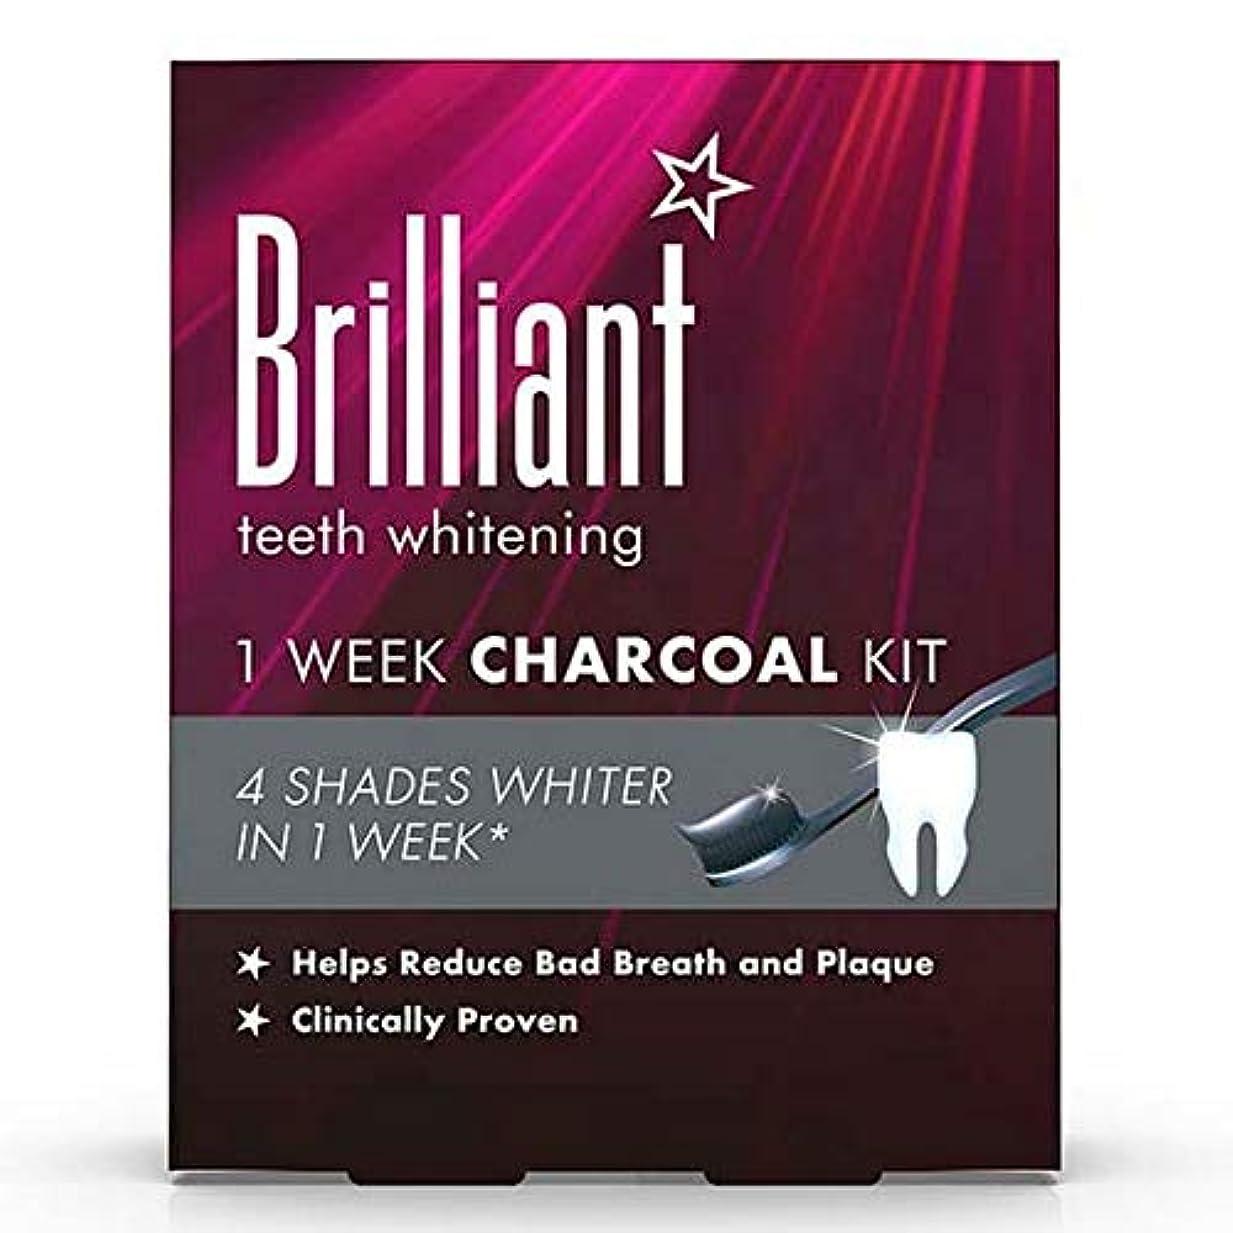 カルシウム拡張ベリ[Brilliant ] 華麗なホワイトニング1週間木炭キット - Brilliant Whitening 1 Week Charcoal Kit [並行輸入品]